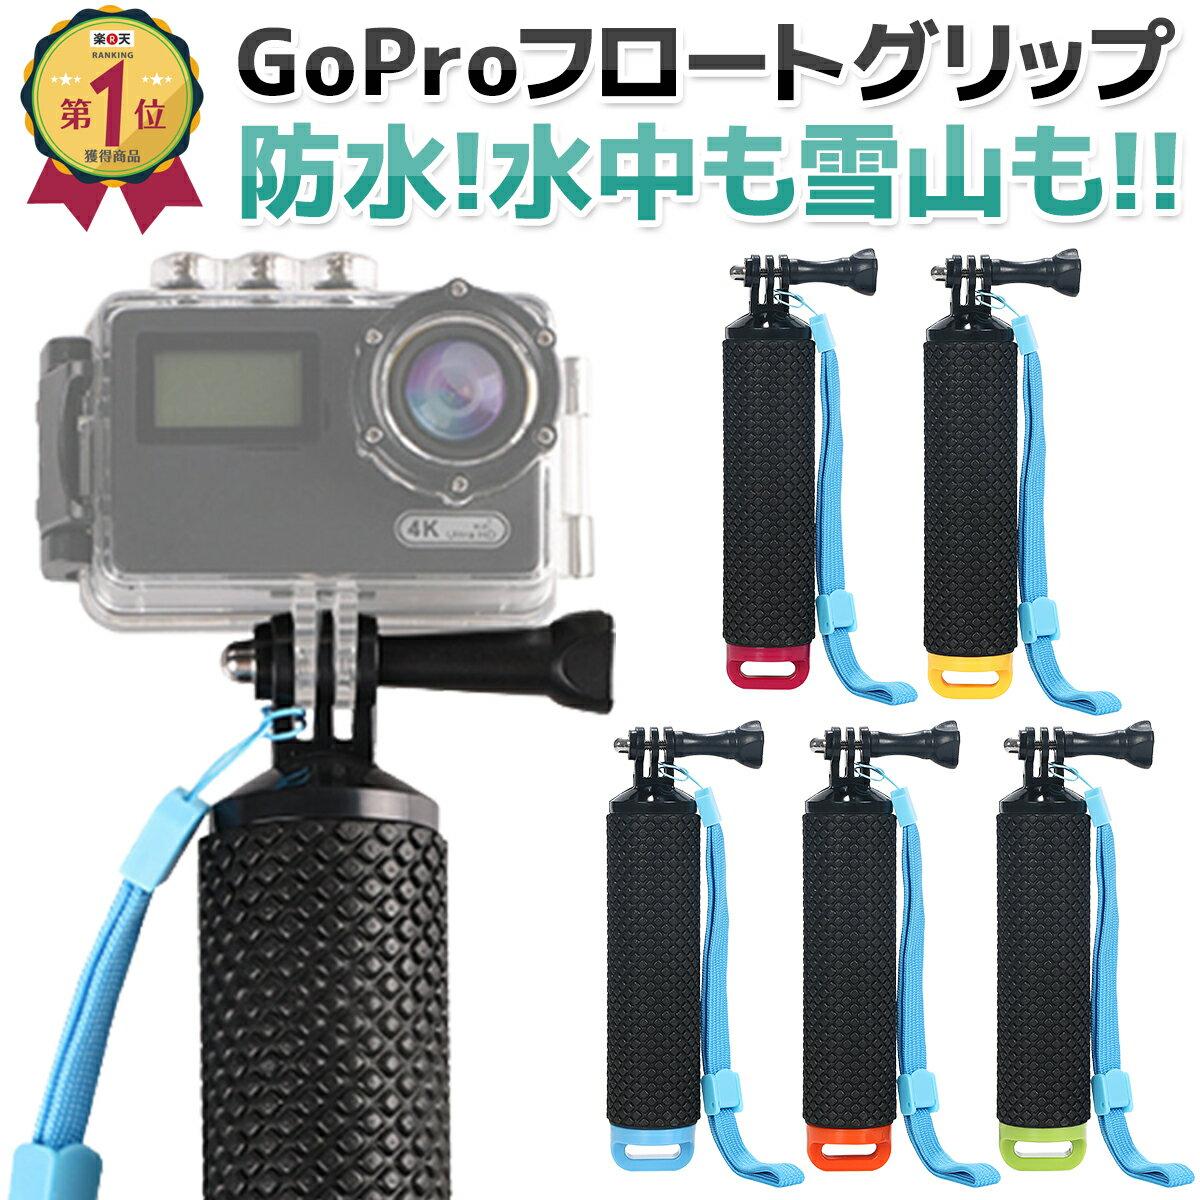 【スノーボードやリゾートで使える】 GoPro フロートグリップ アクセサリー Go Pro 防水 スノボ スノーボード ウィンタースポーツ ストラップ付き ゴープロ 水中 プール ビーチ アクションカメラ アクセサリー 自撮り棒 マリンスポーツ